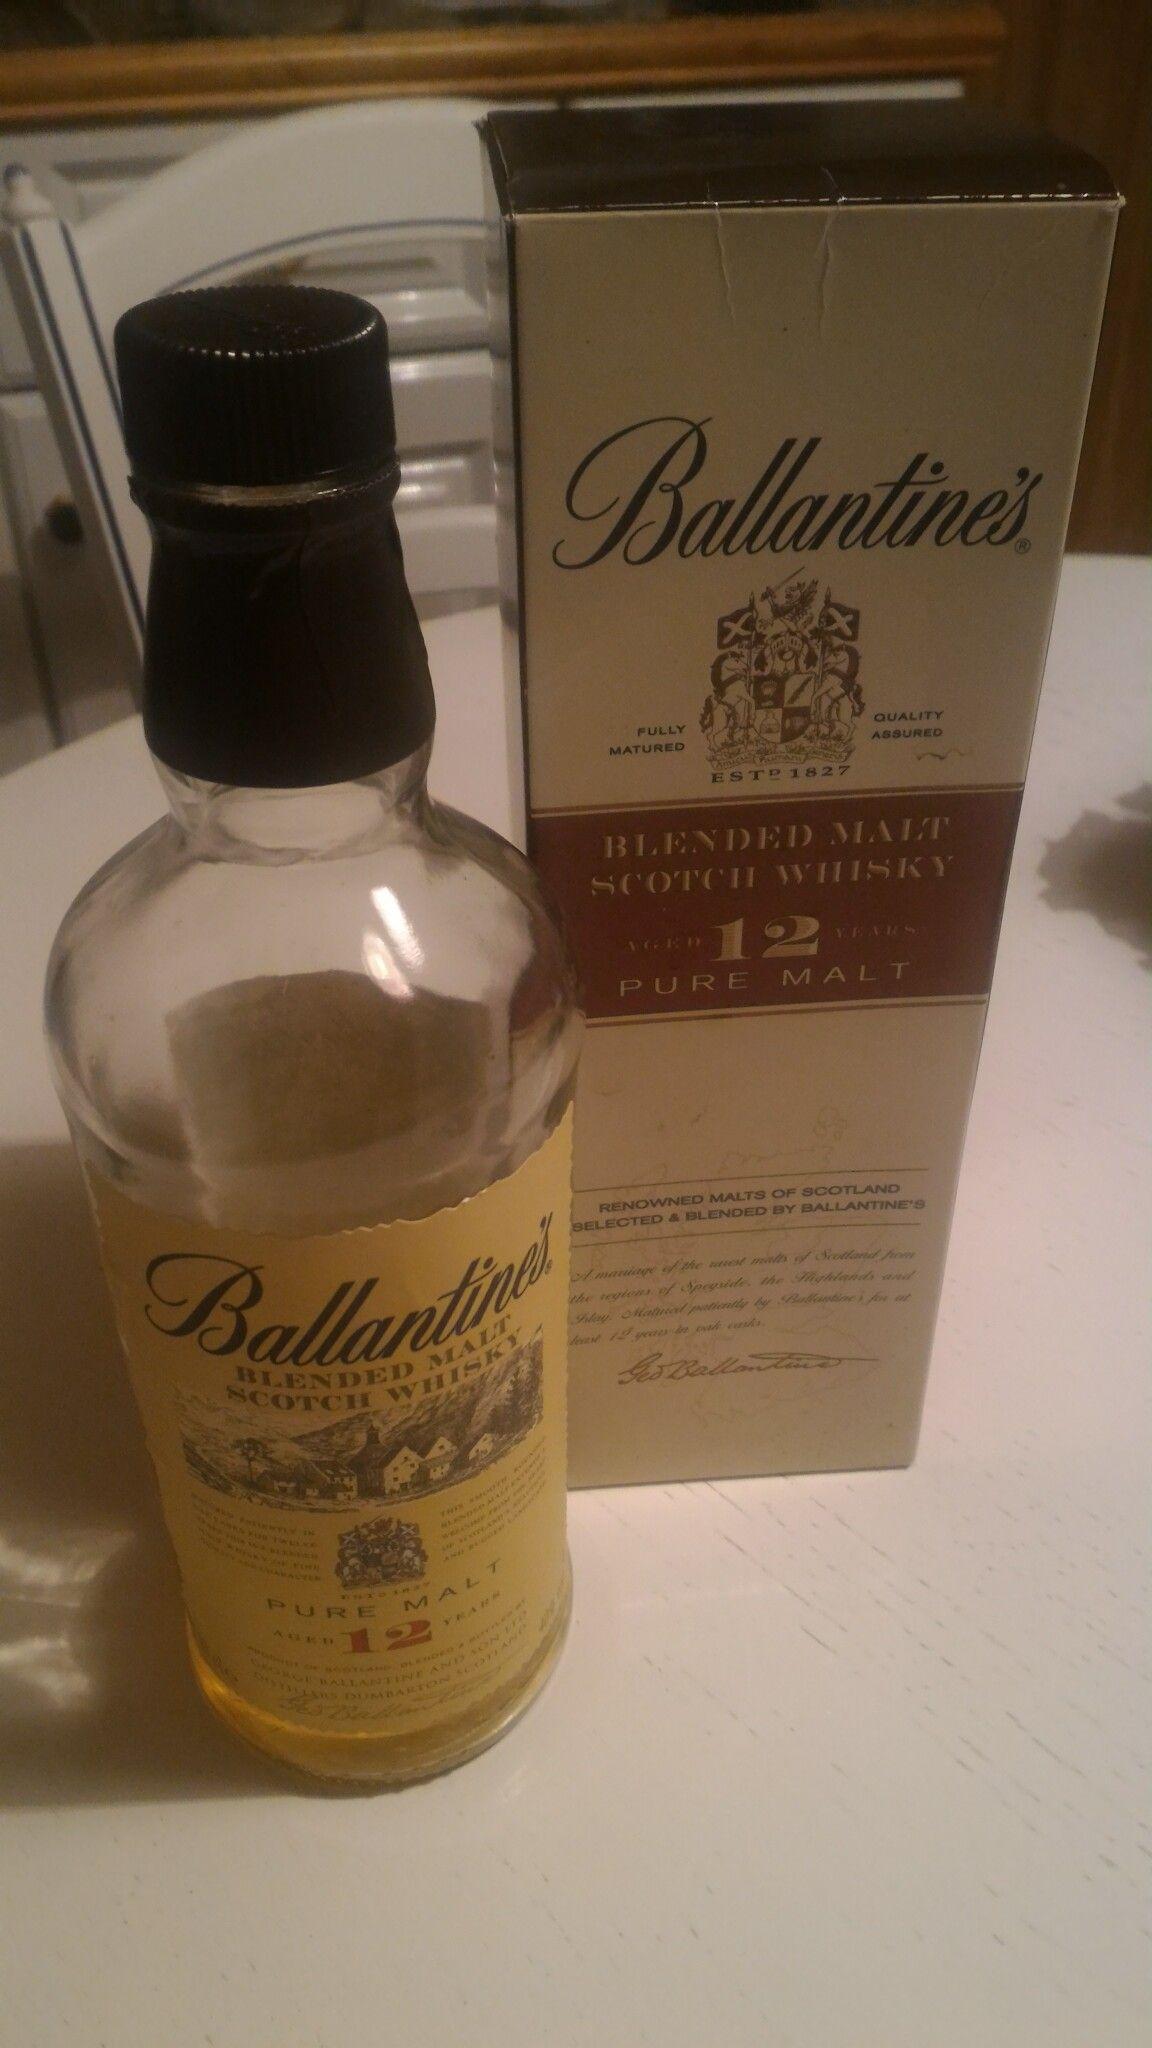 Ballantine S Blended Malt 12 Years Scotland Whisky Tasting Malt Whisky